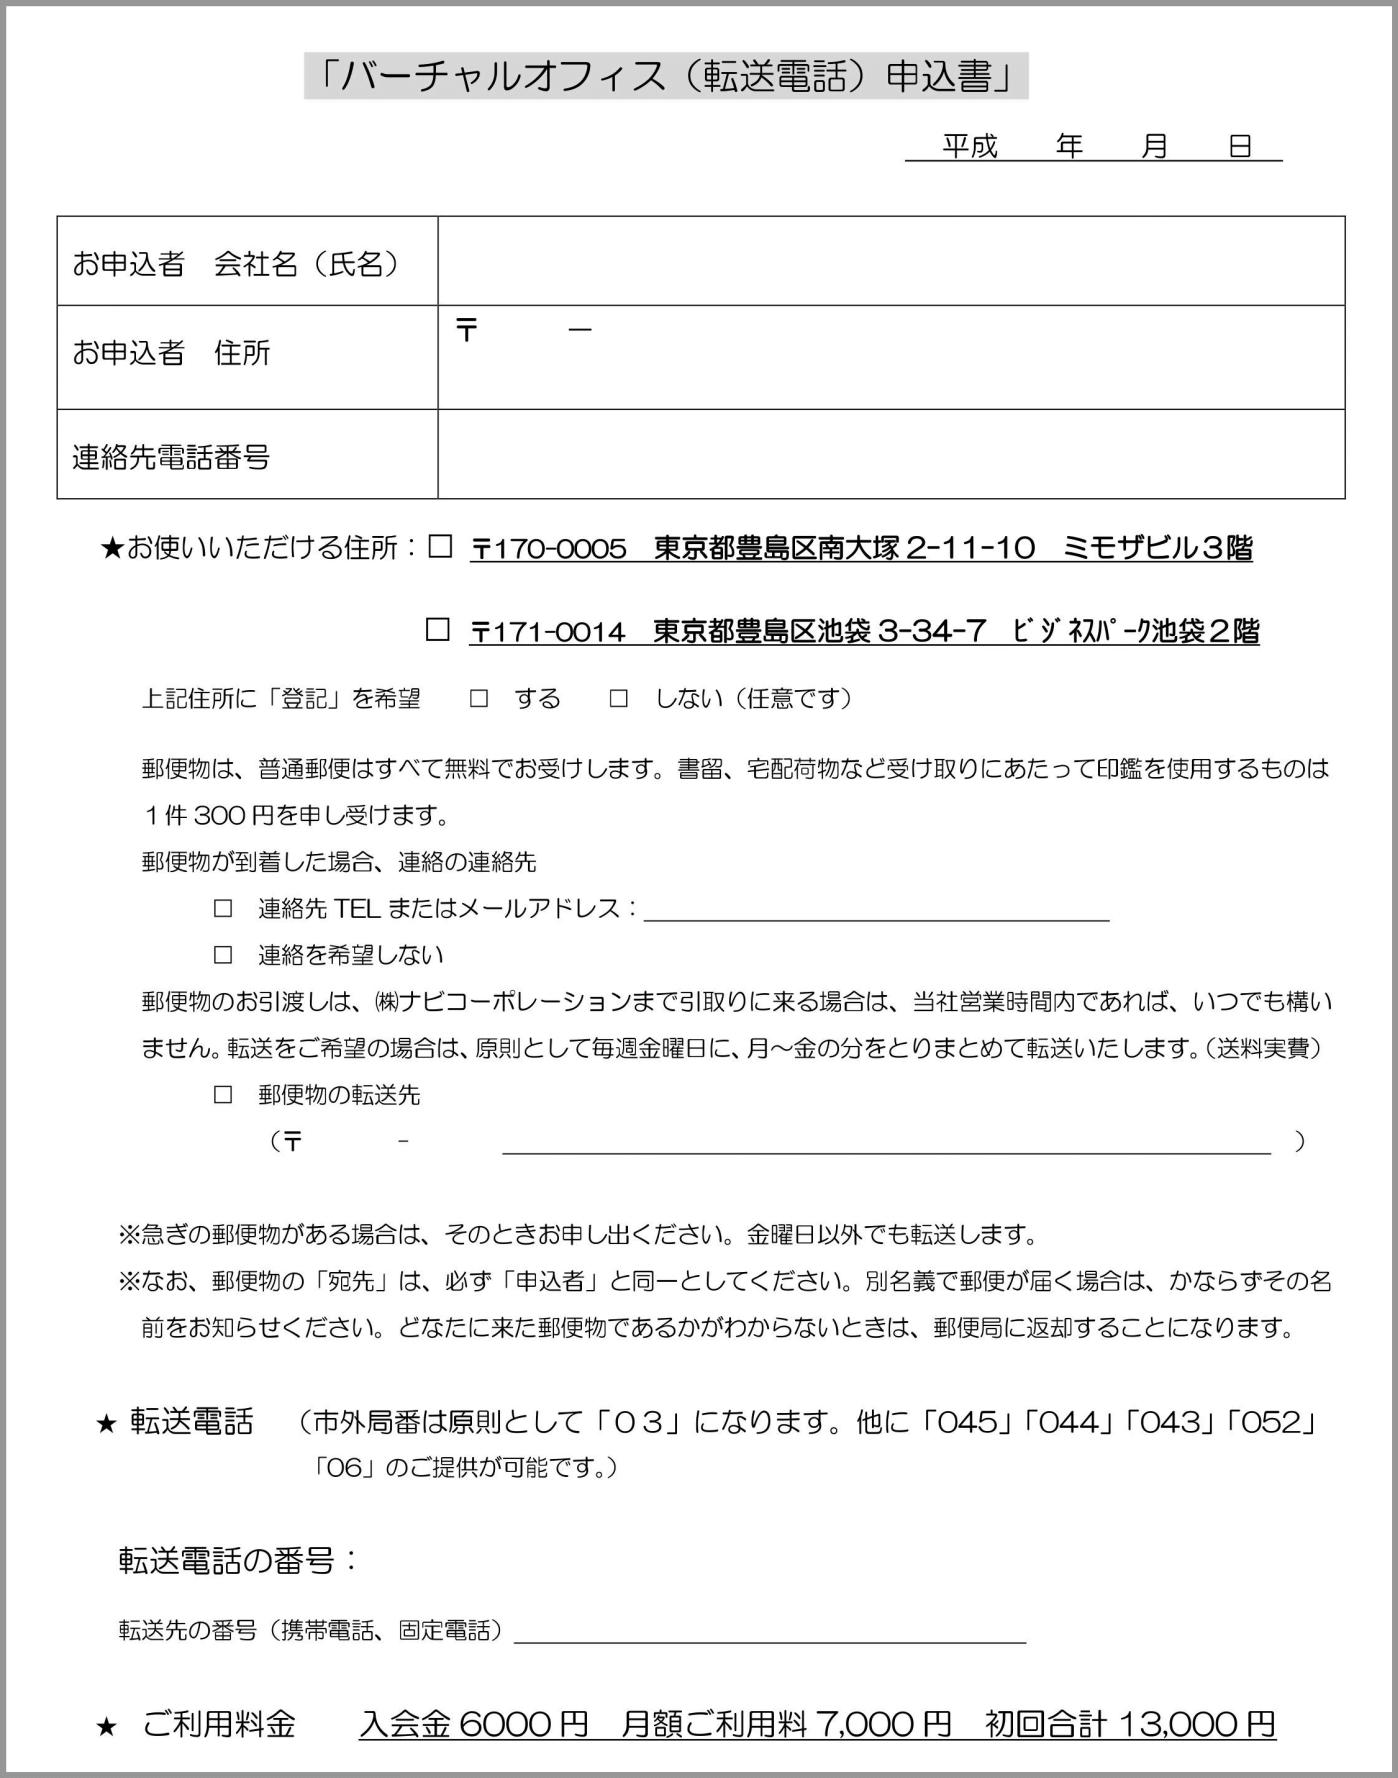 バーチャルオフィス転送電話申込書